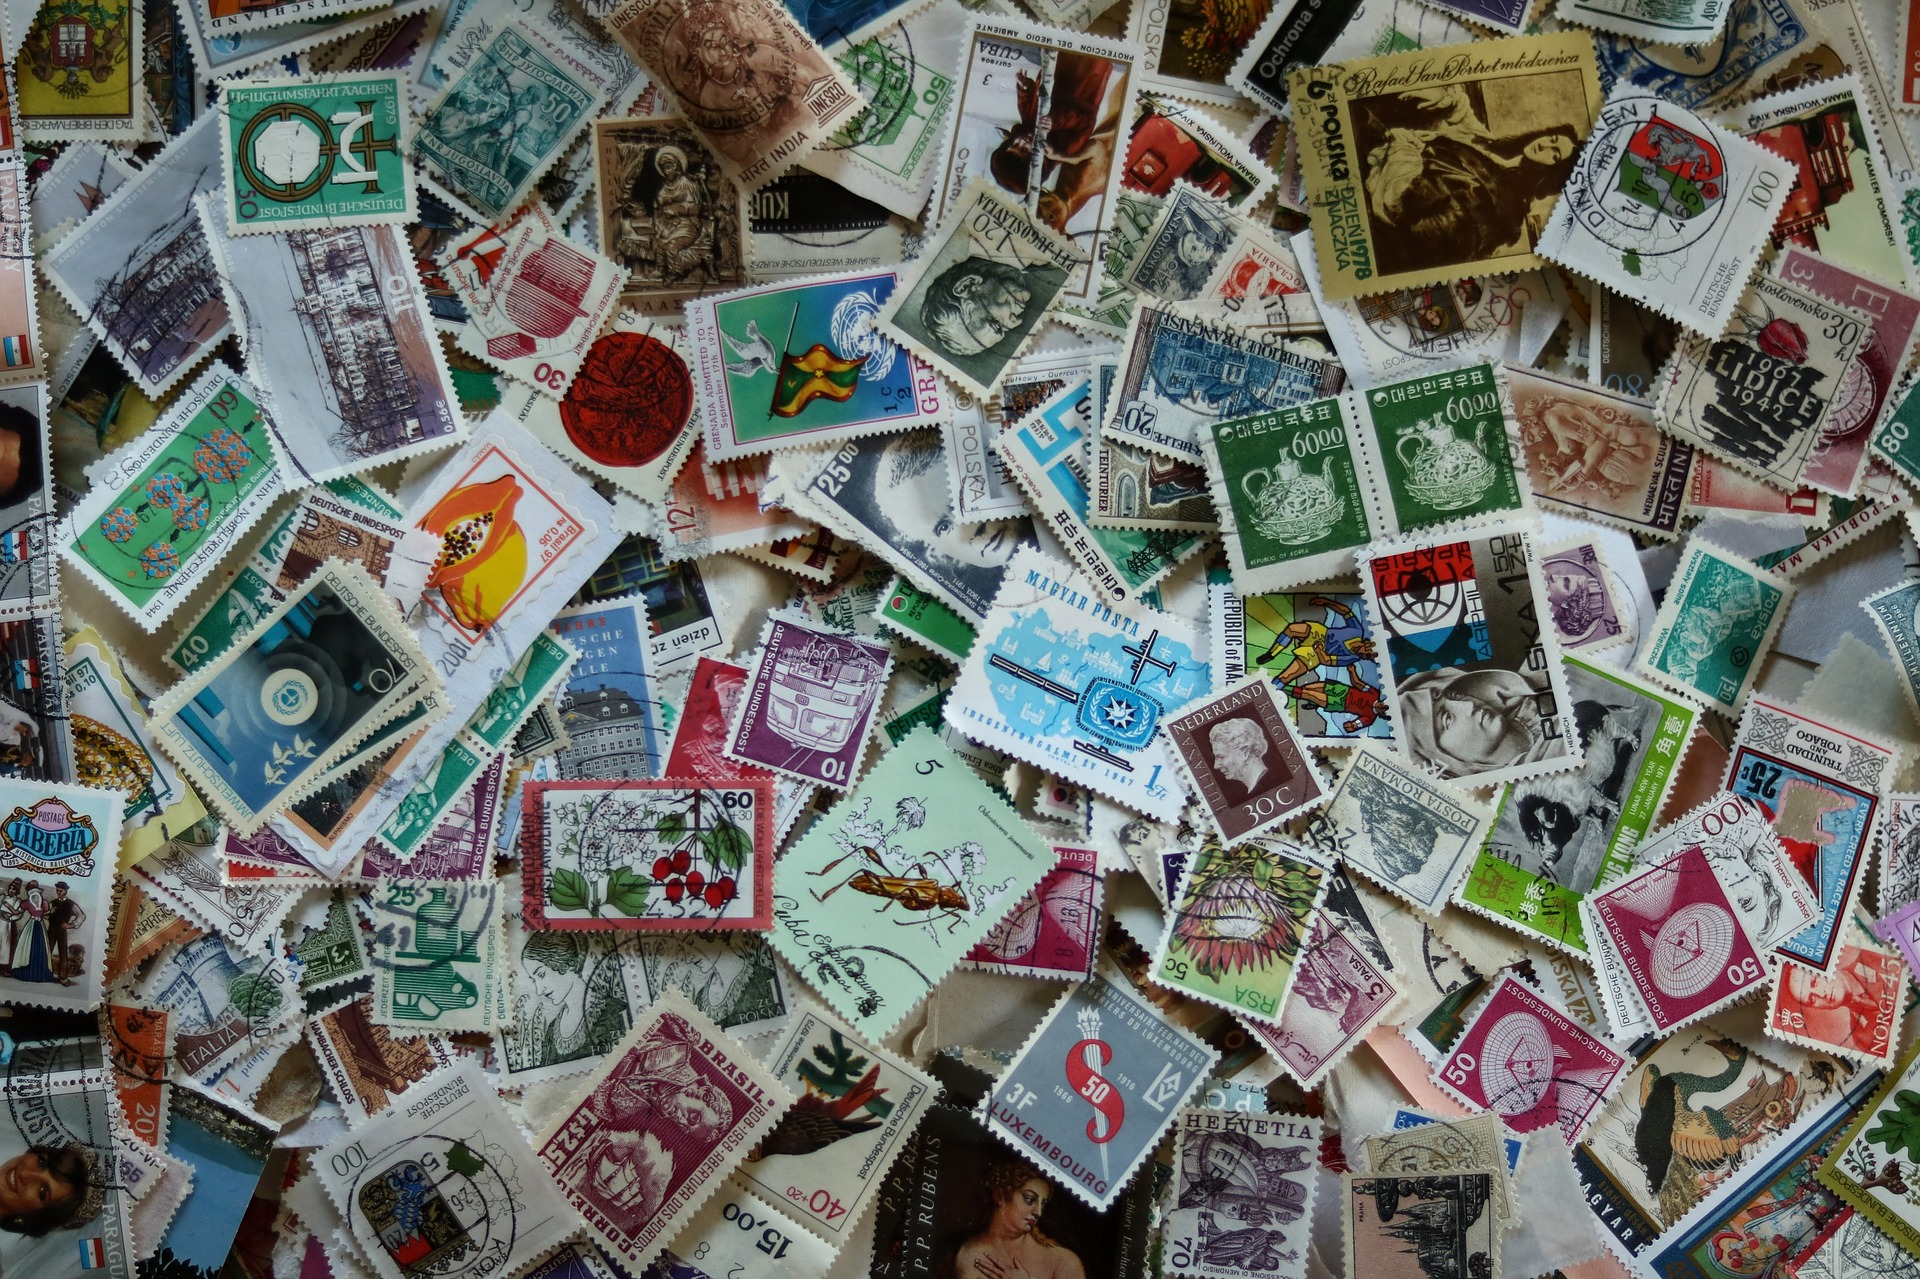 Der Briefmarkensammler